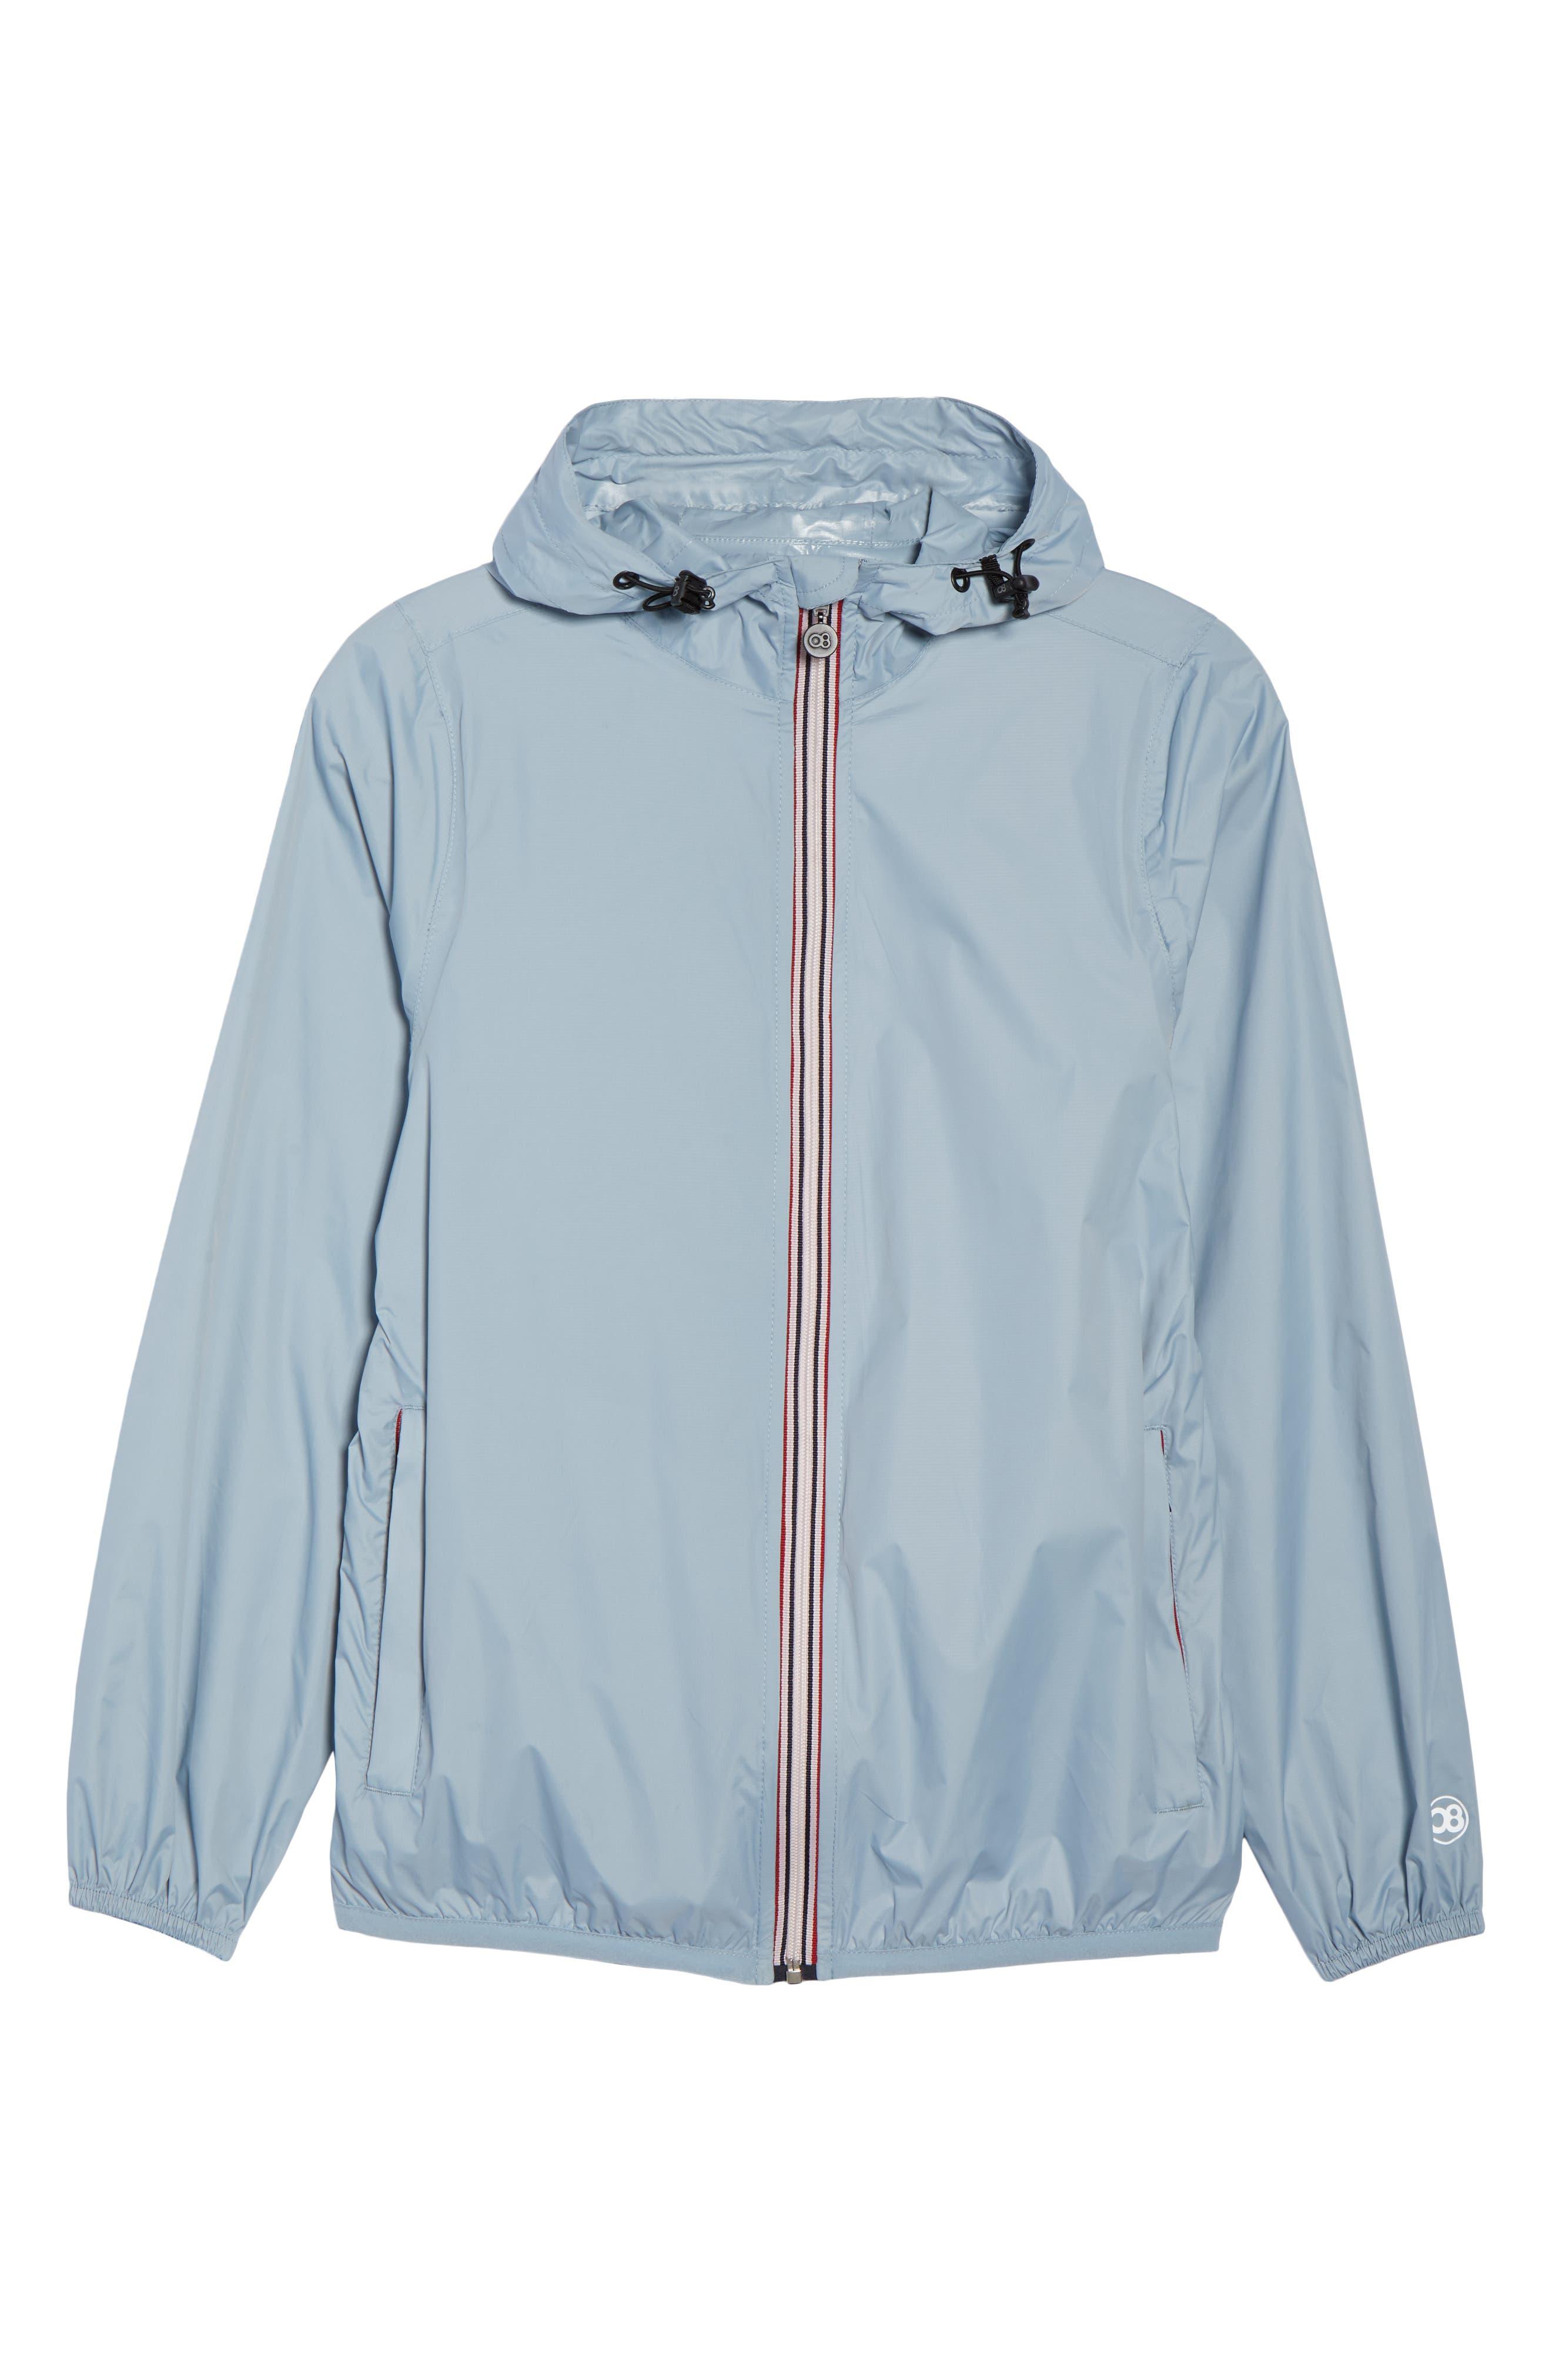 Packable Rain Jacket,                             Alternate thumbnail 6, color,                             CELESTIAL BLUE